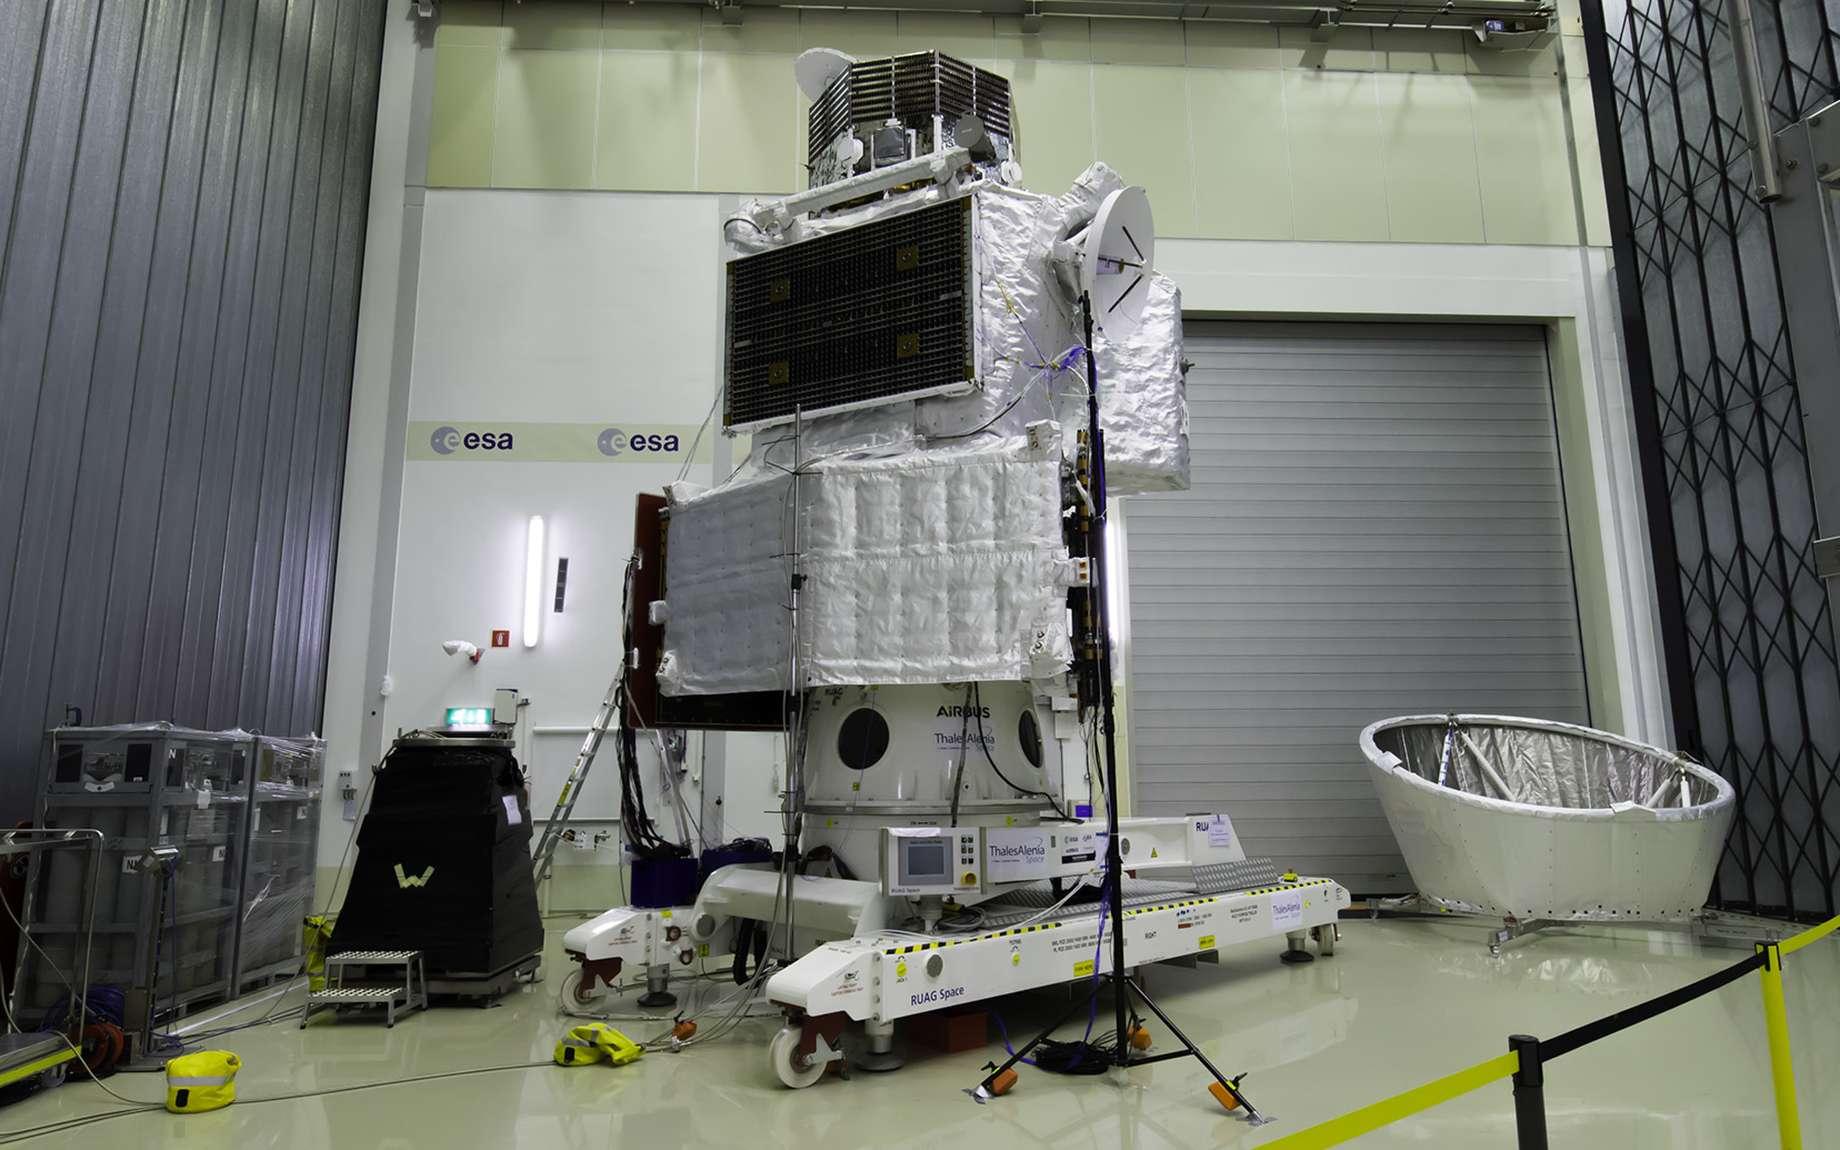 La sonde BepiColombo dans sa configuration de vol, avec au sol le bouclier Mosif qui sera installé sur le dessus de la sonde pour protéger l'orbite japonais MMO. © Rémy Decourt